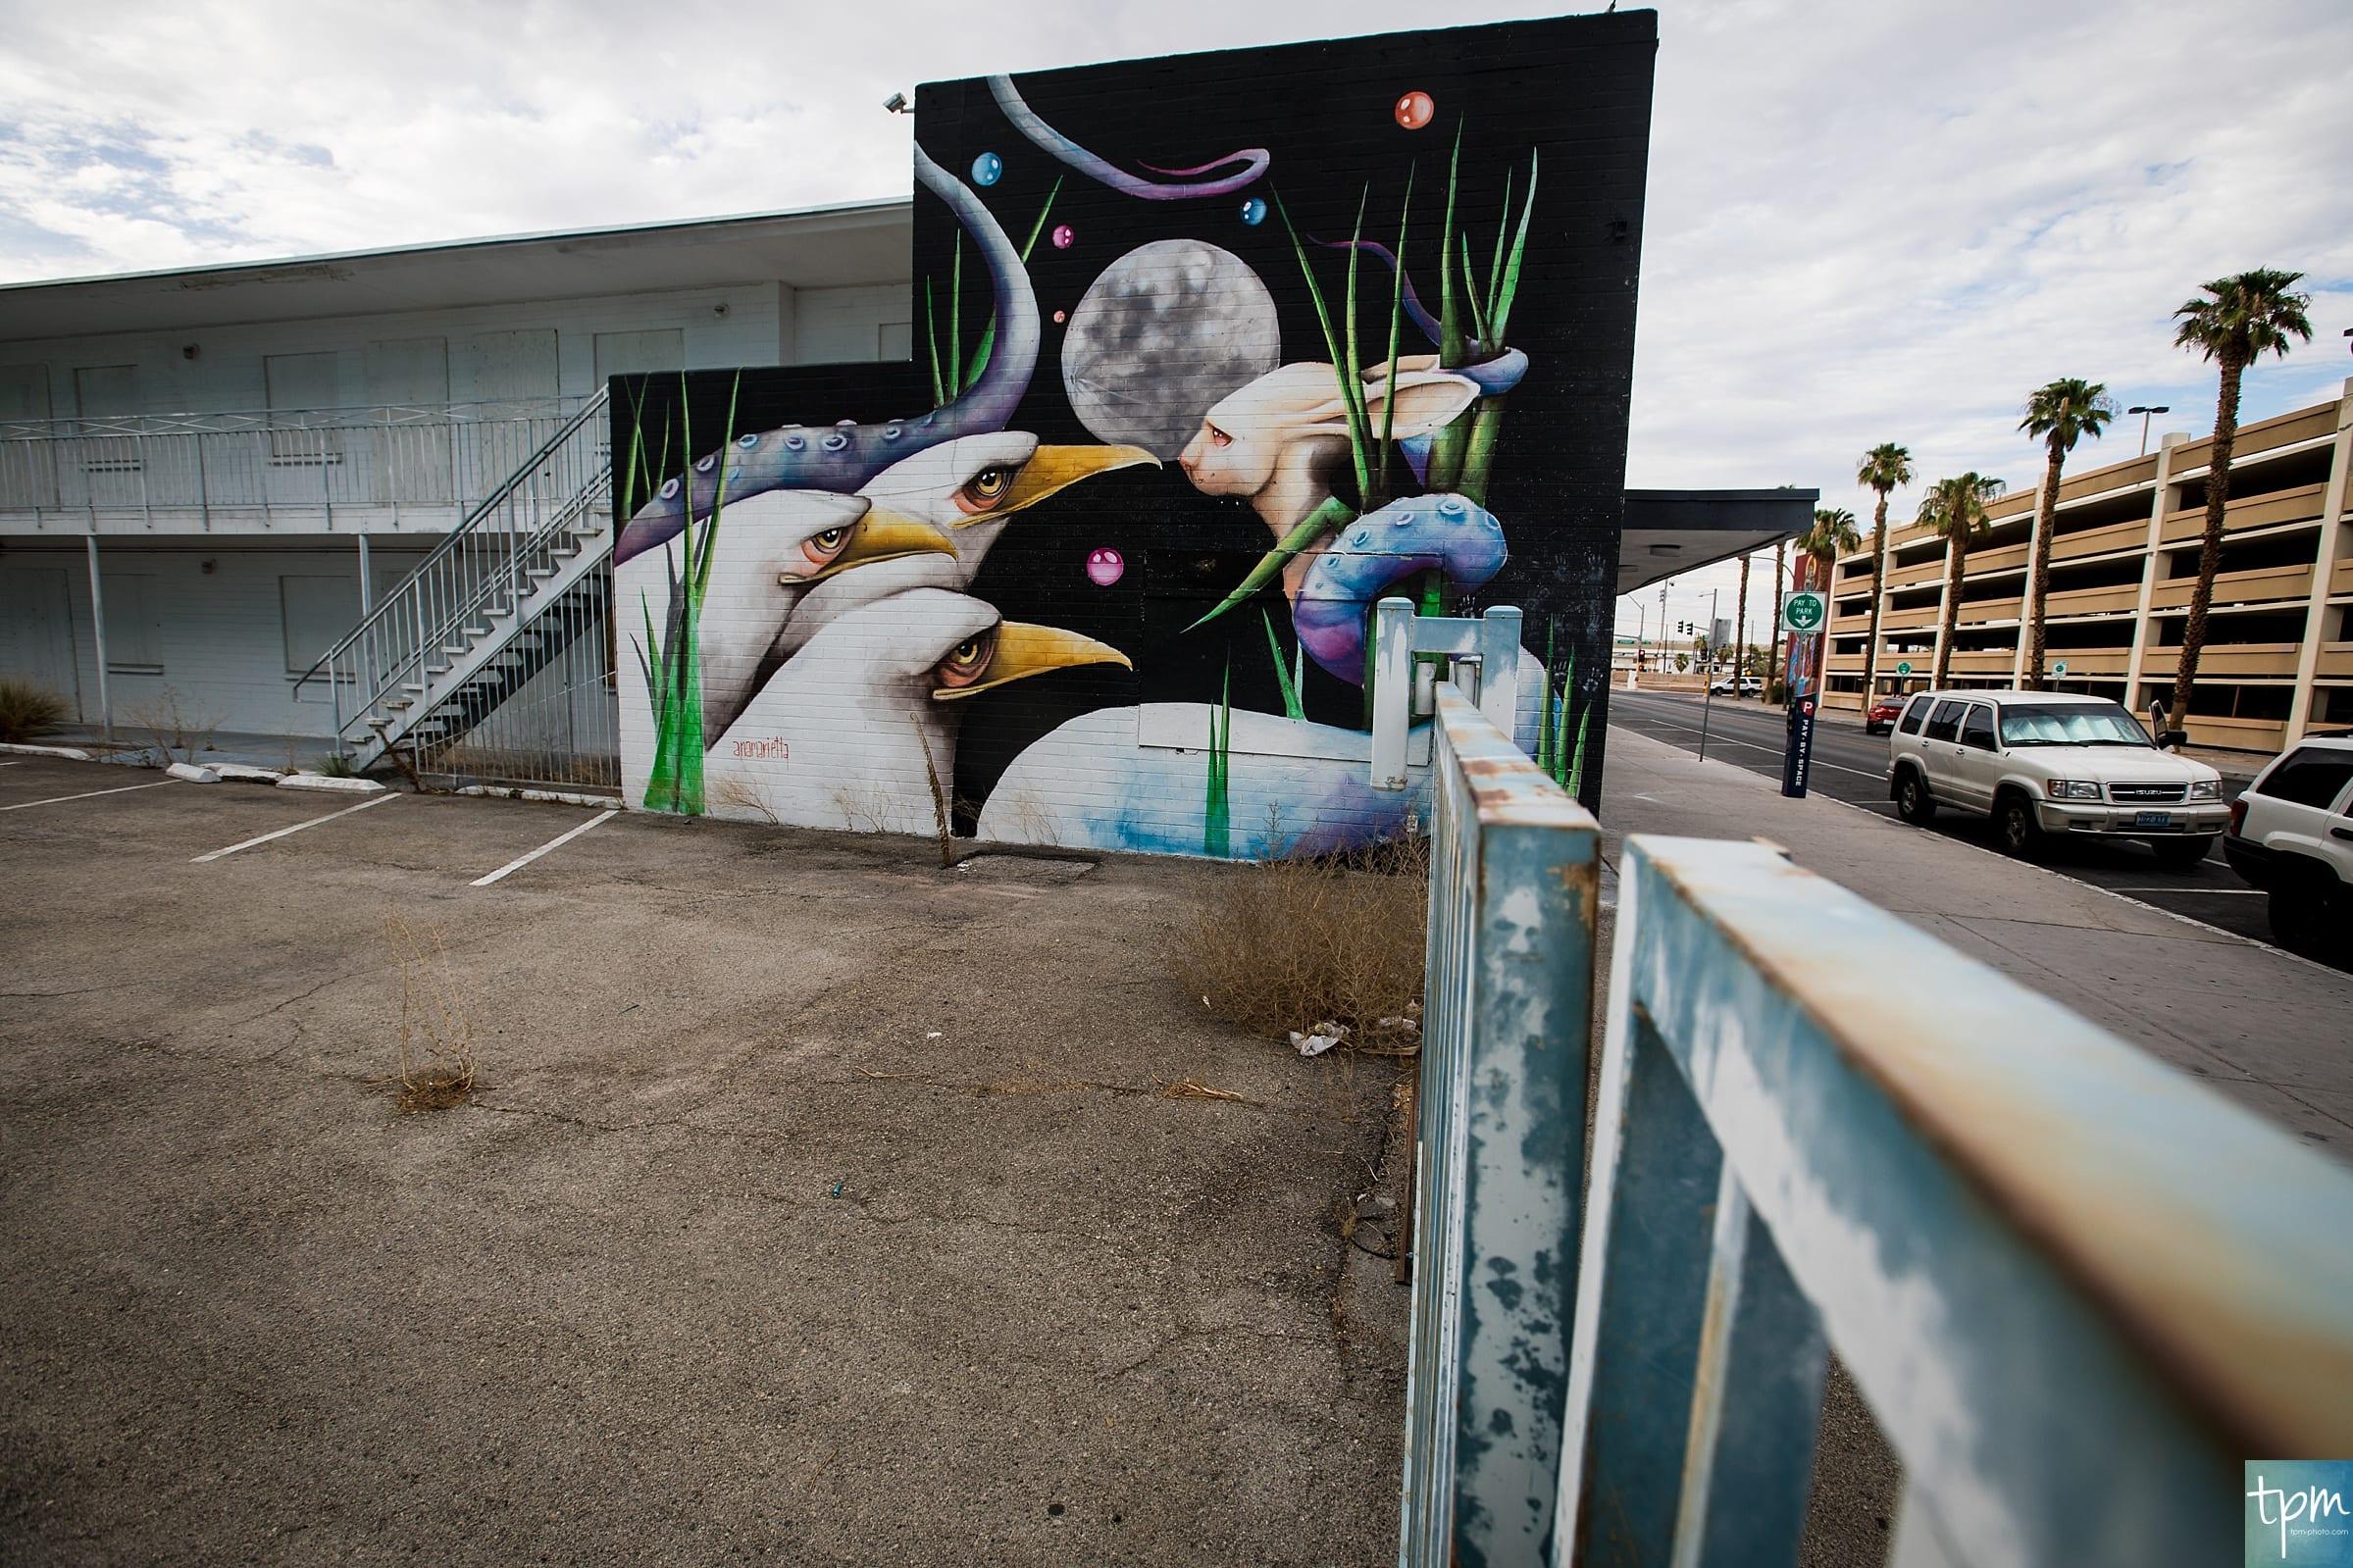 Full Moon, Ana Maria Ortiz, Taylored Photo Memories, Las Vegas Murals